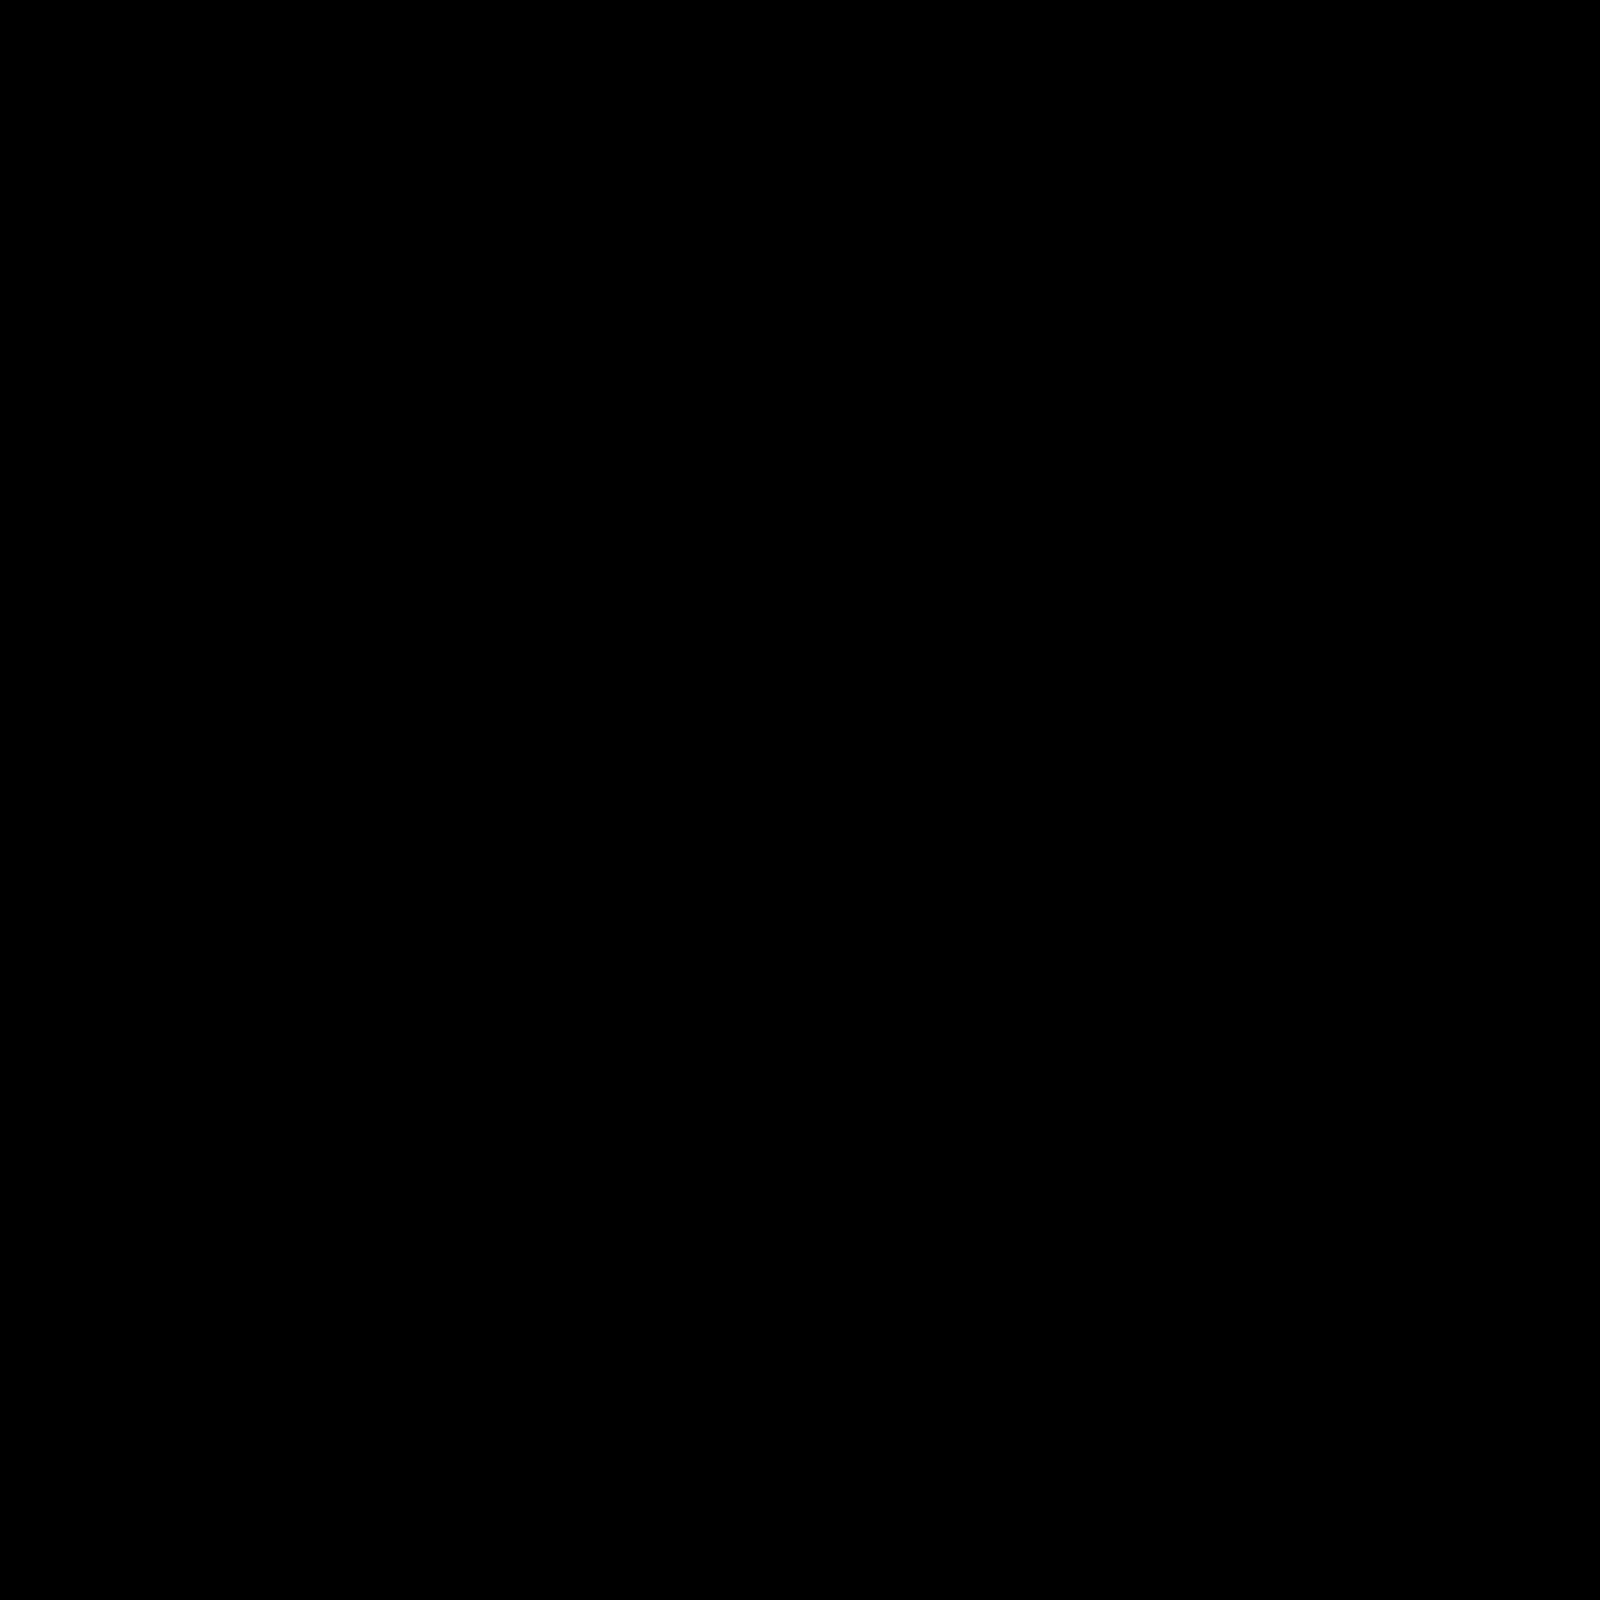 联合国难民署 icon. This is a image of a two dimensional human figure.  On the left and right side of the figure are the profiles of hands, two hand shapes total.  Surrounding these figures are two olive branches.